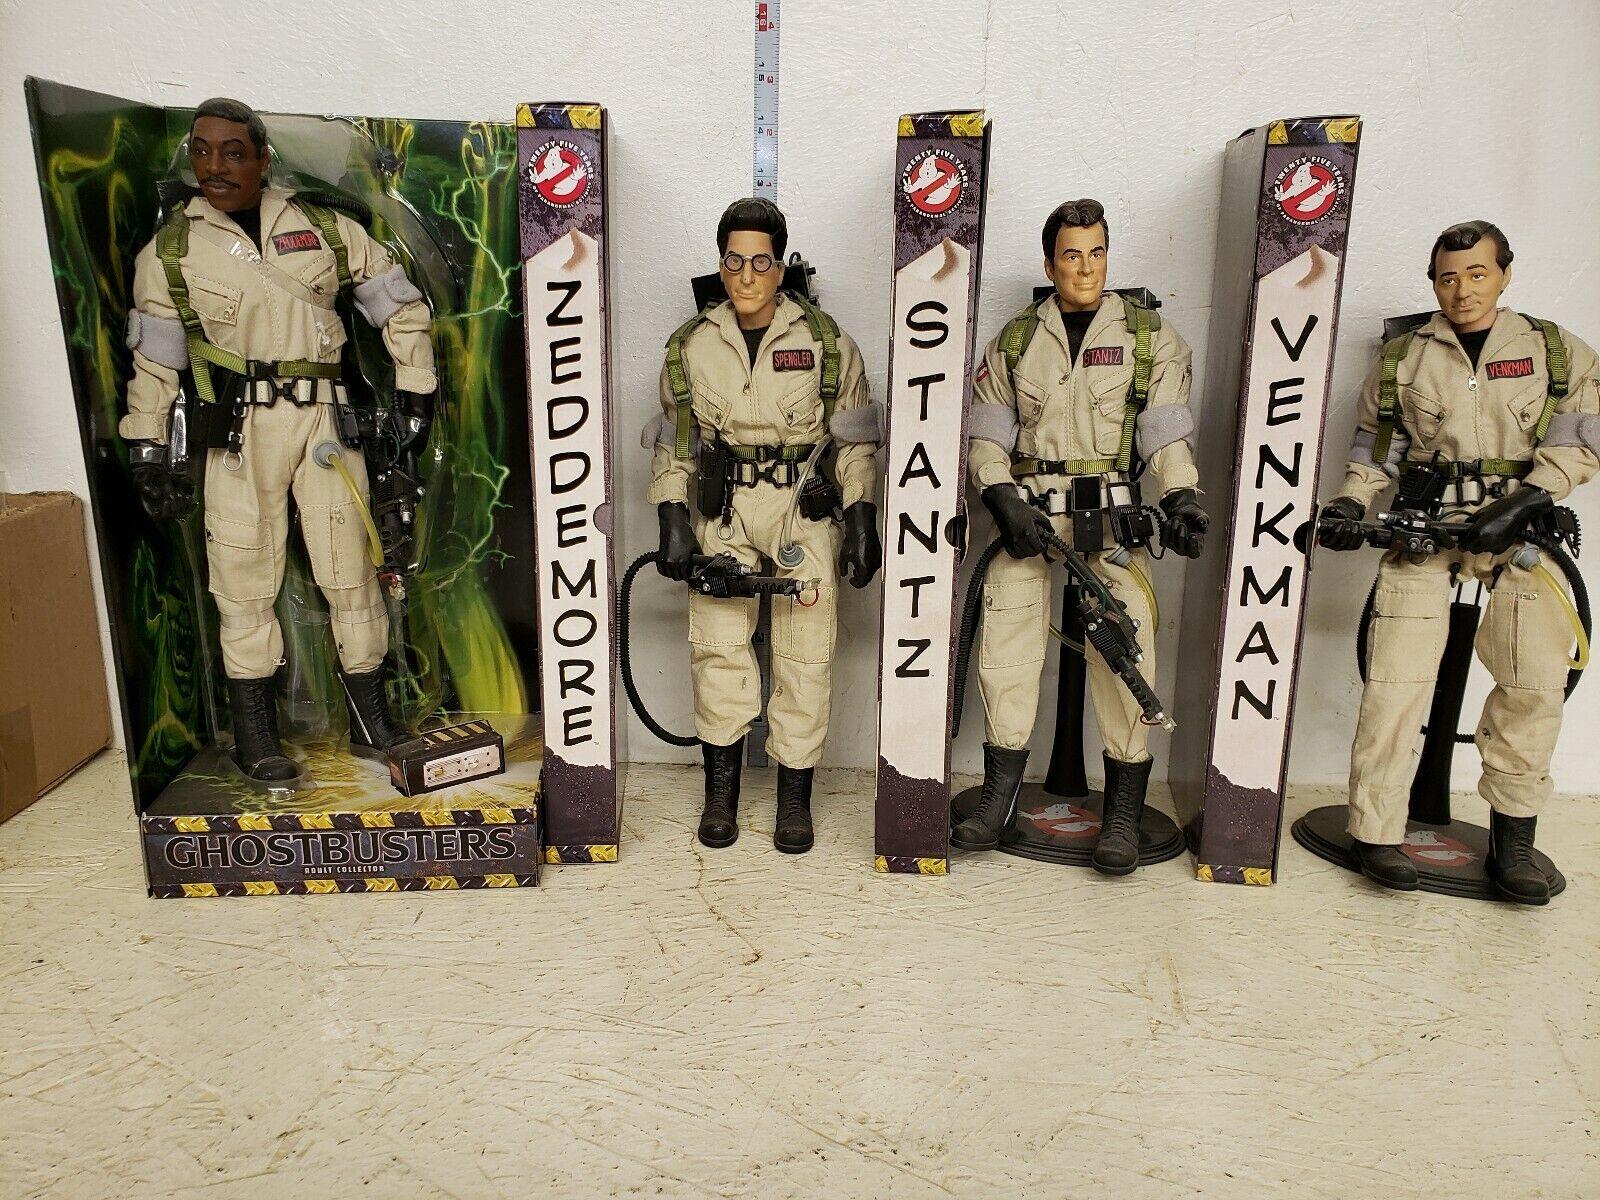 Ghostbusters Set of 4 12in Figures Venkman, Spangler, Stantz, Zeddemore